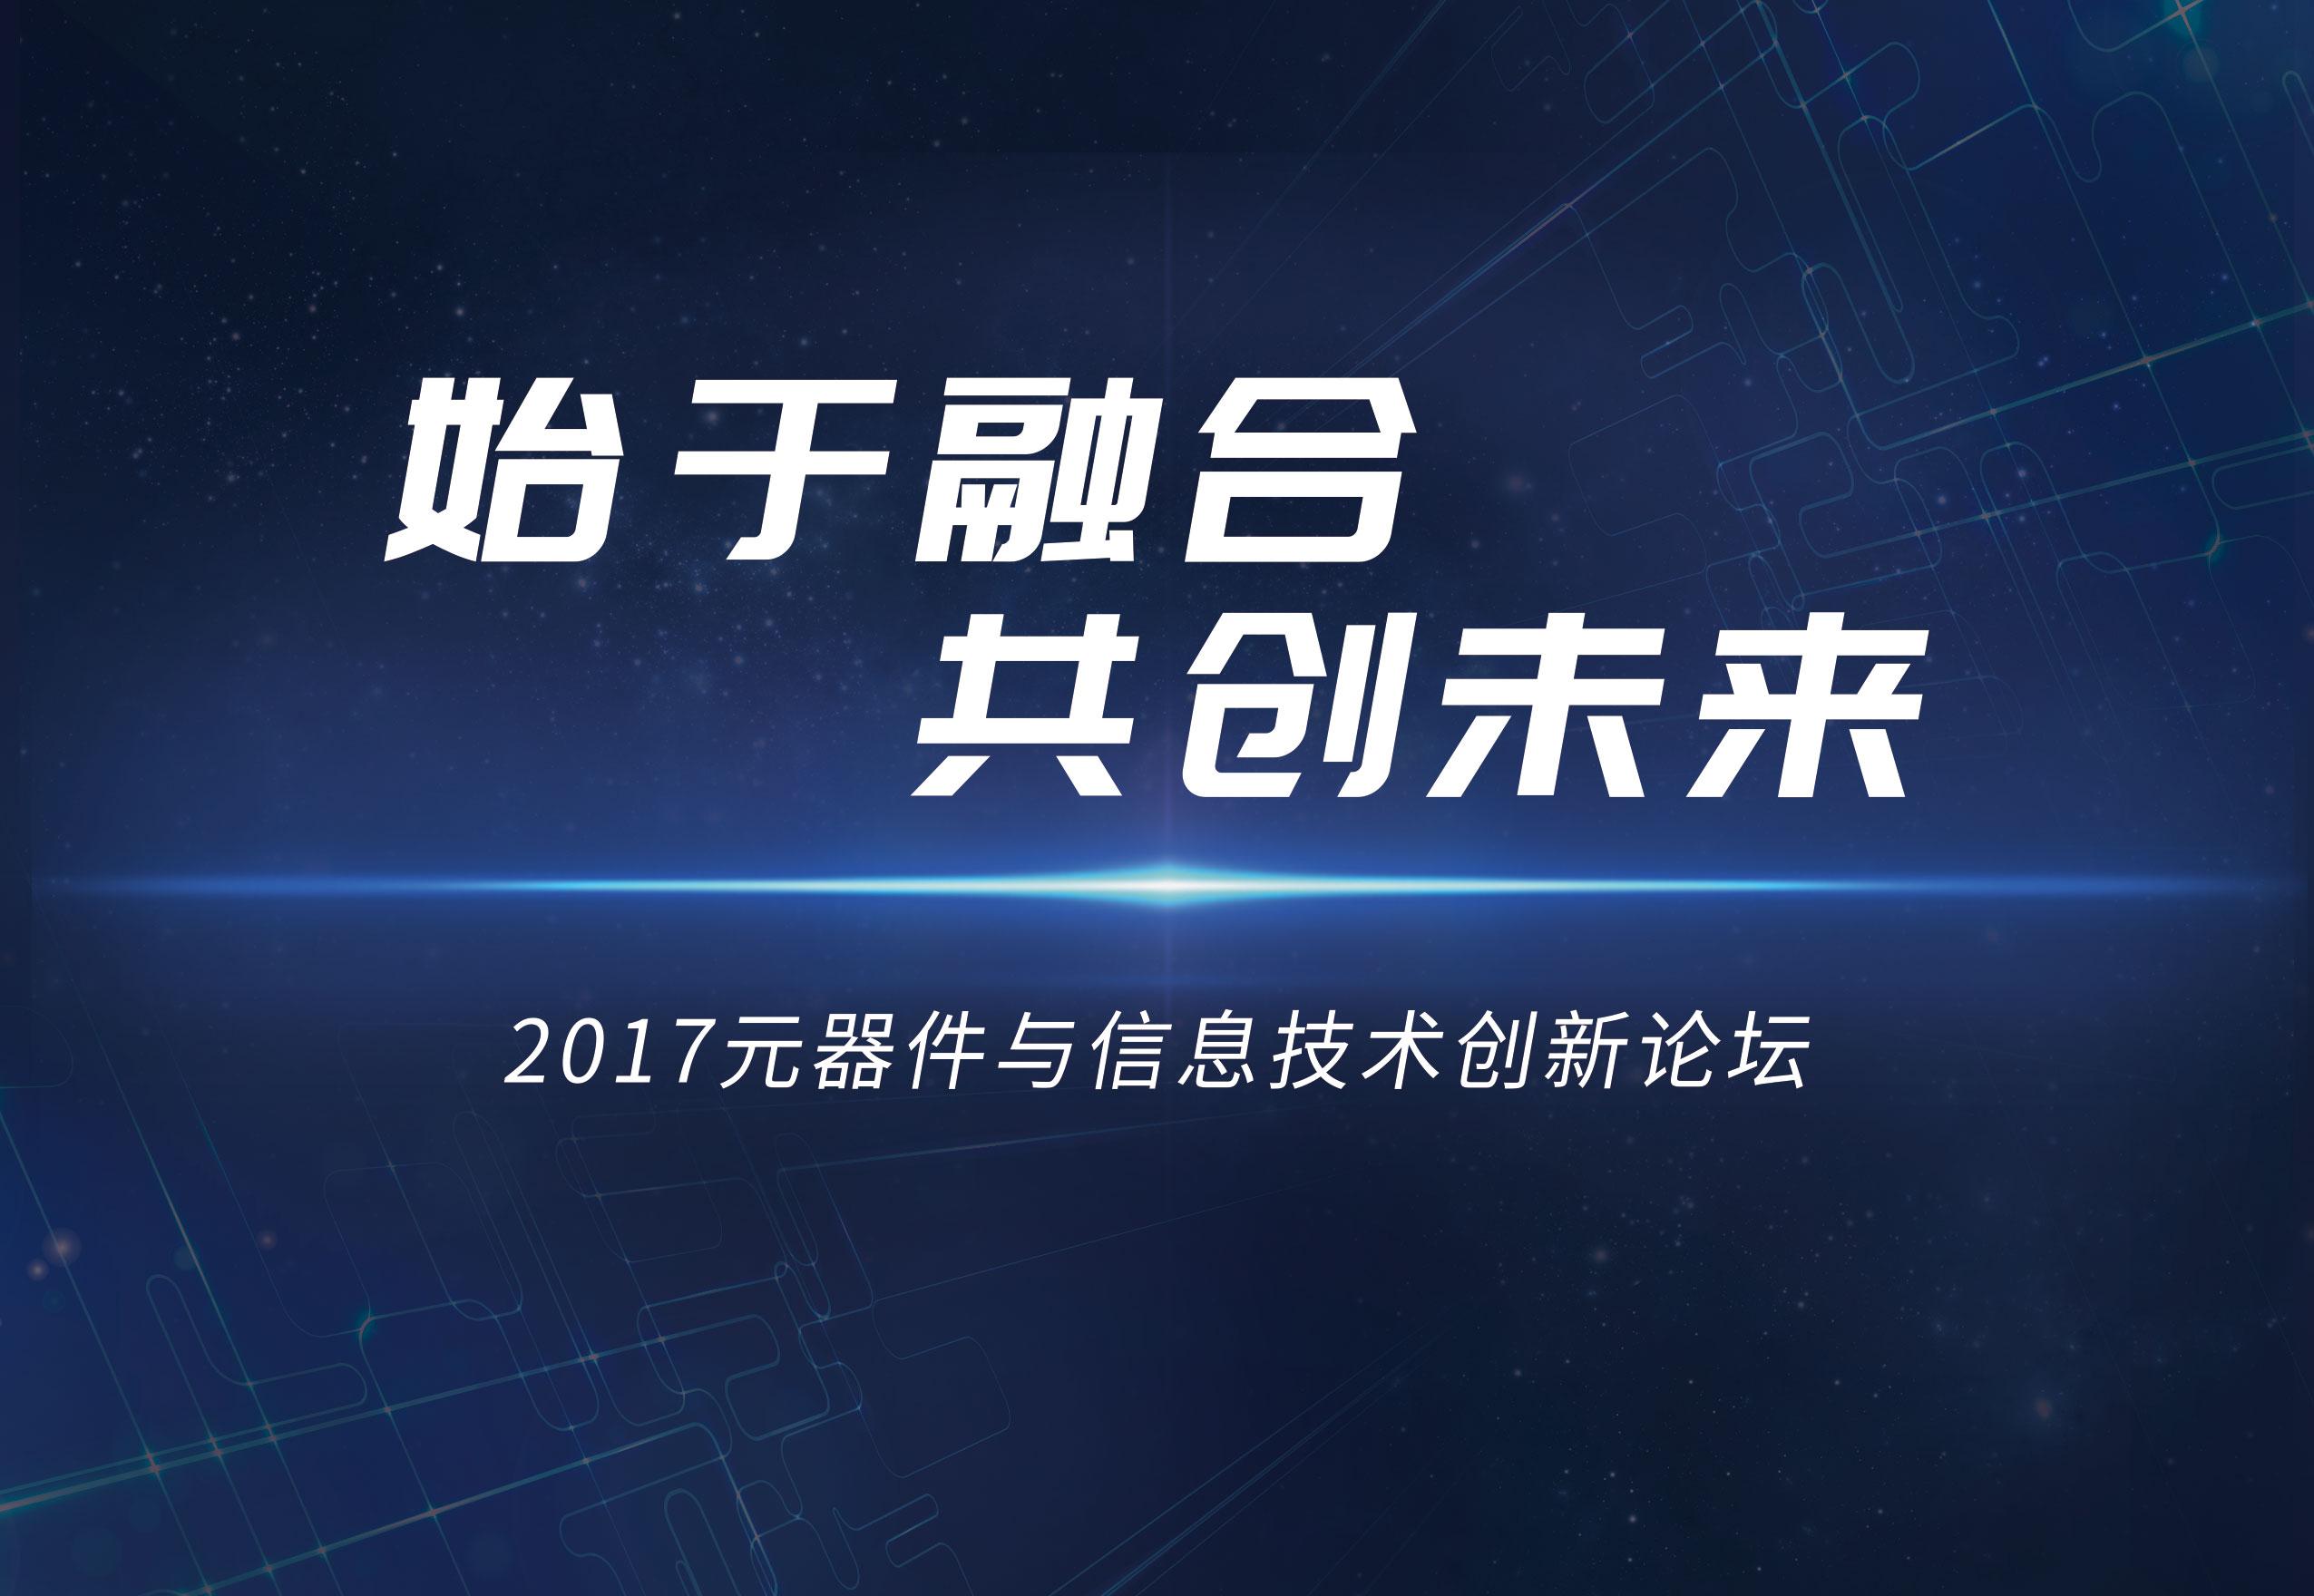 2017元器件与信息技术创新论坛